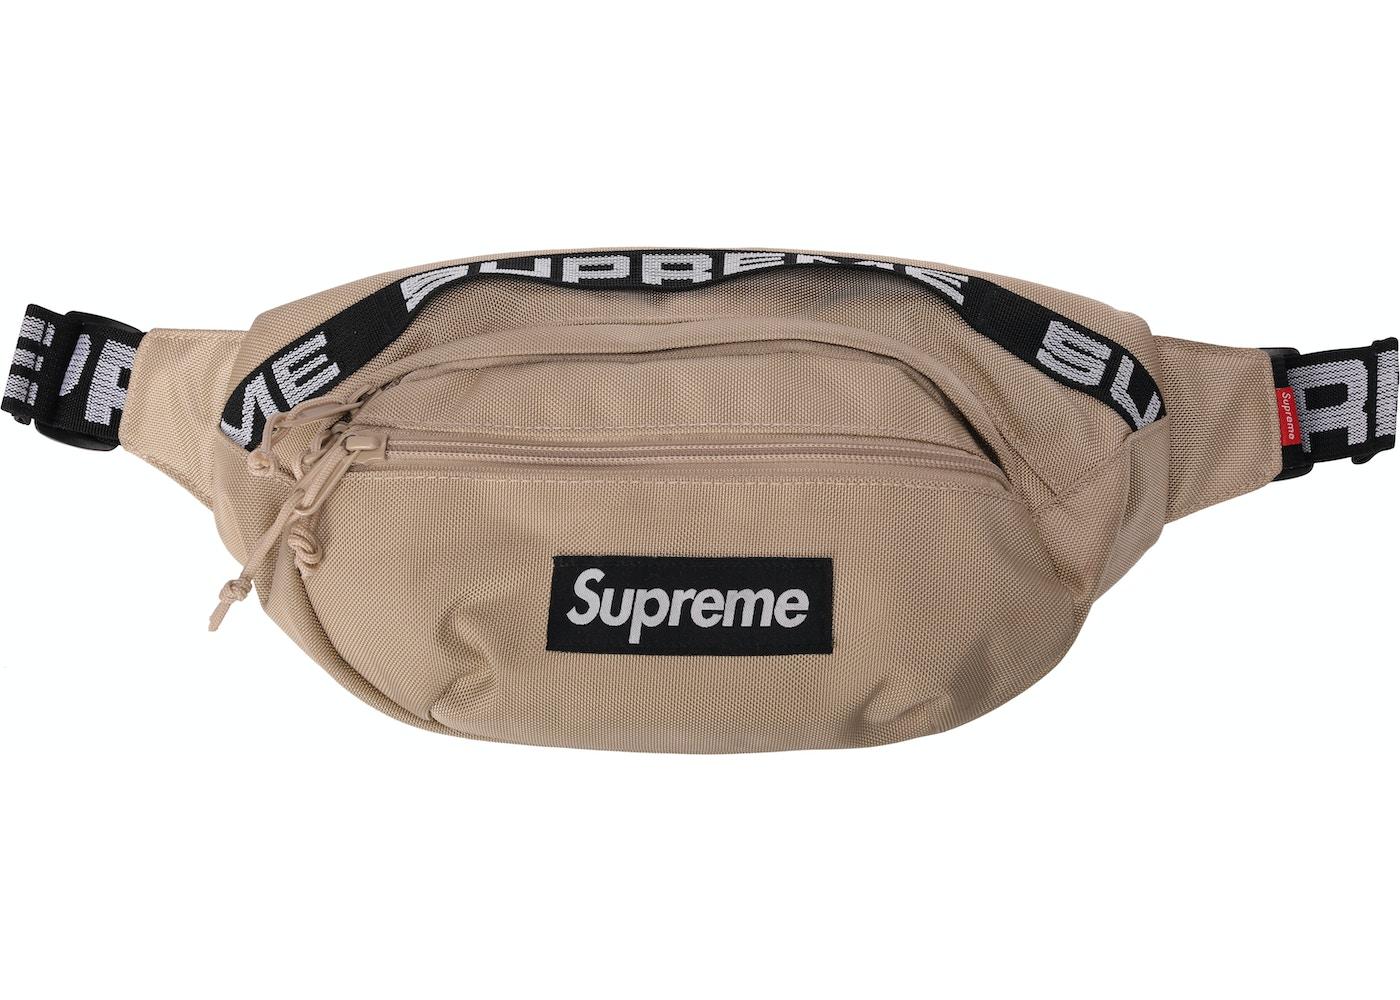 6dc18ad5e9b Sell. or Ask. View All Bids. Supreme Waist Bag ...